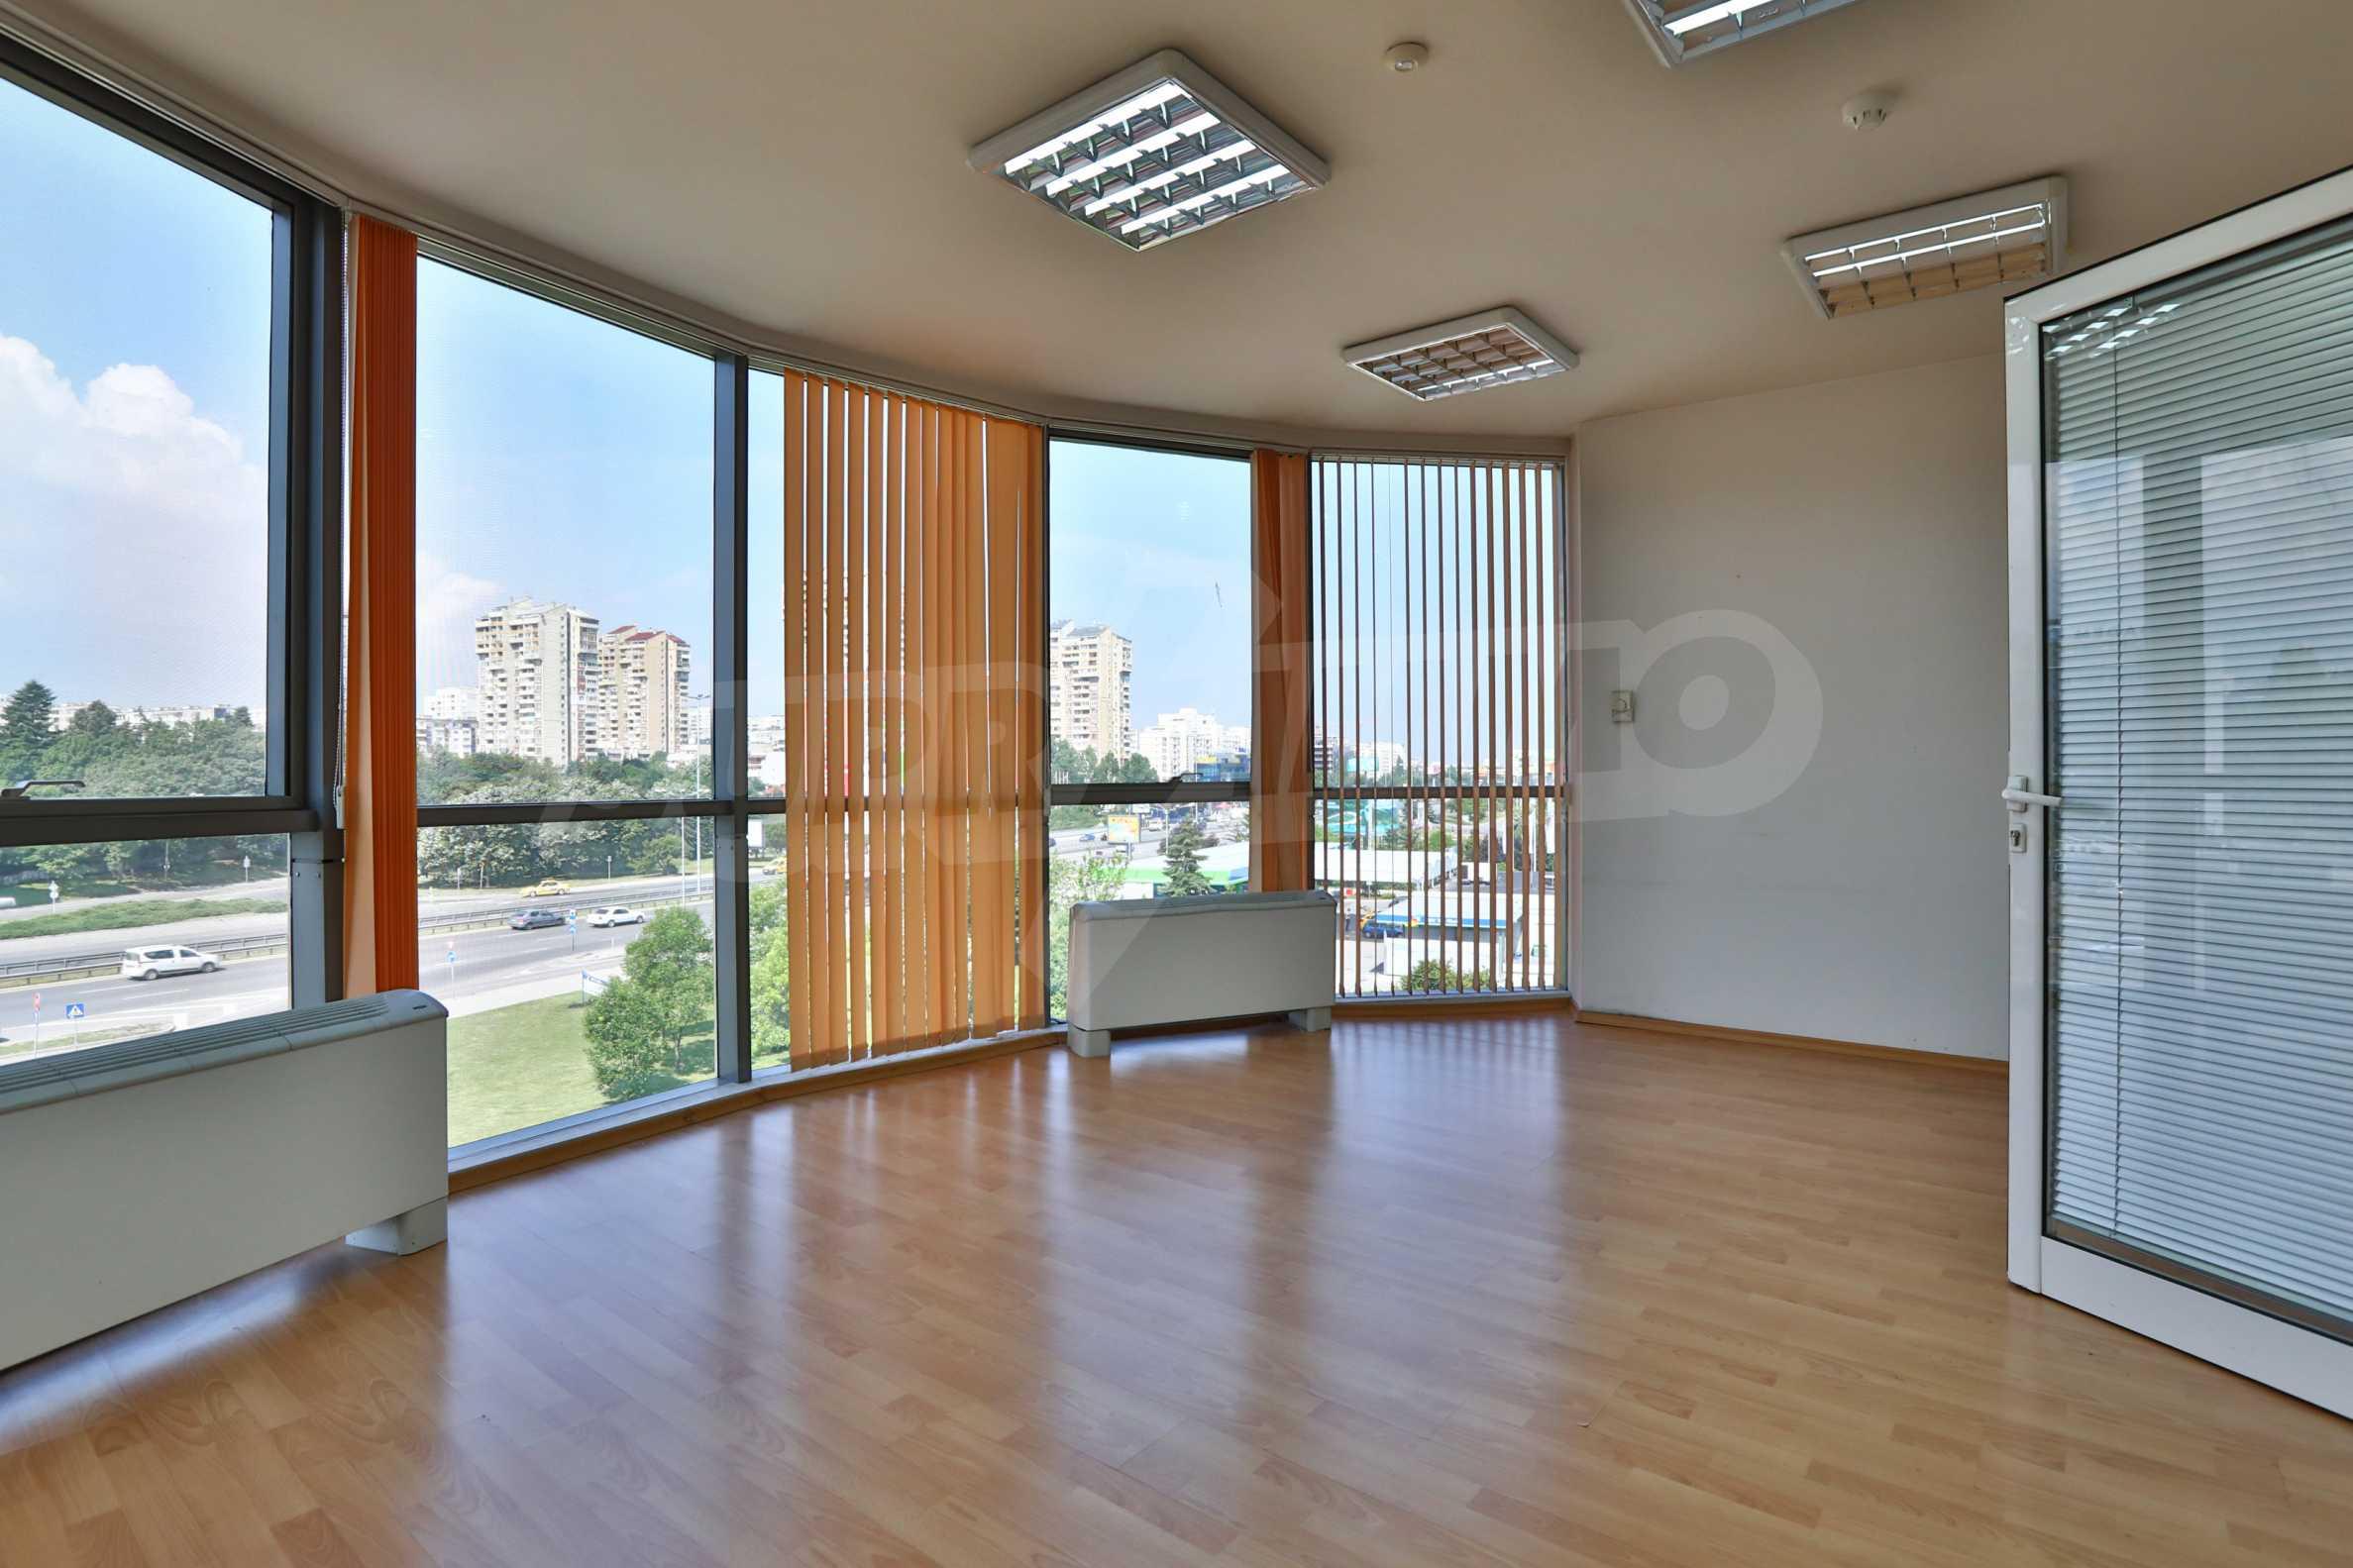 Площи тип open space в офис зоната на бул. Цариградско шосе 25